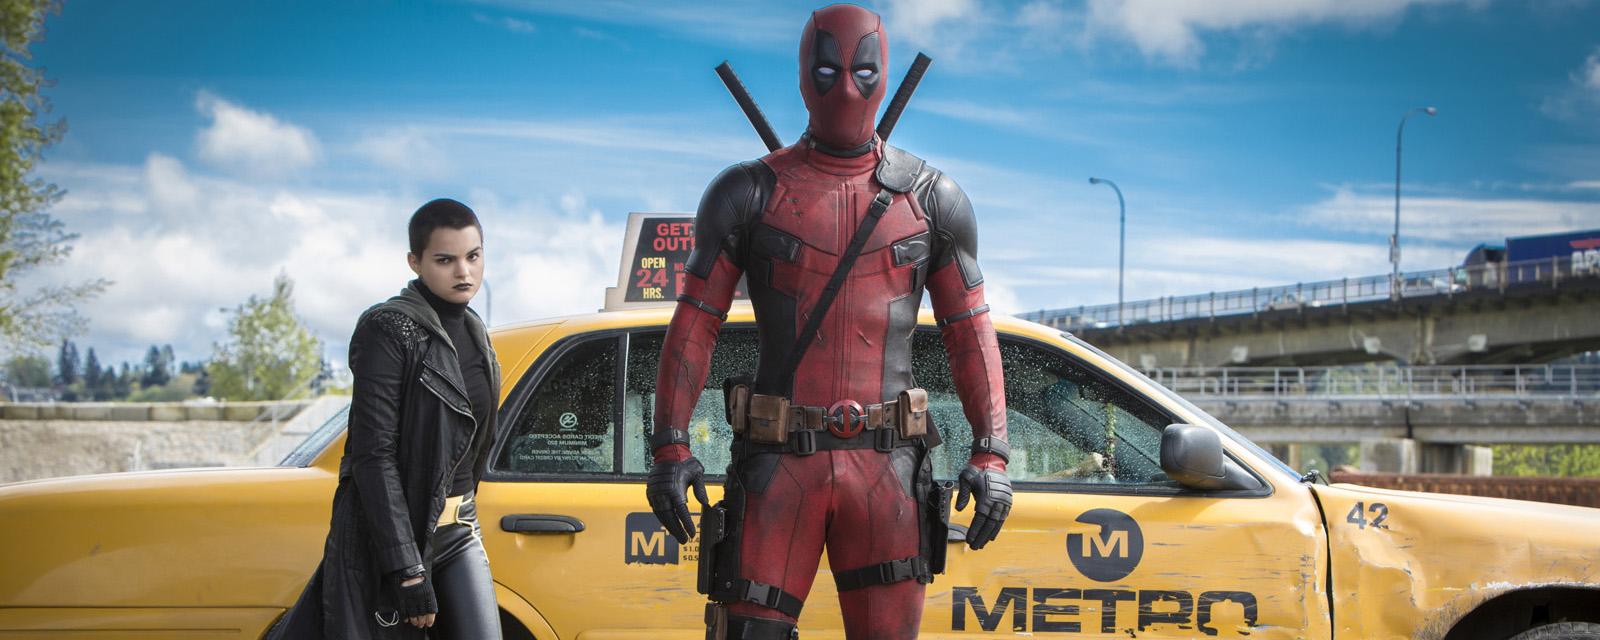 Deadpool 2 : mort d'une cascadeuse sur le tournage